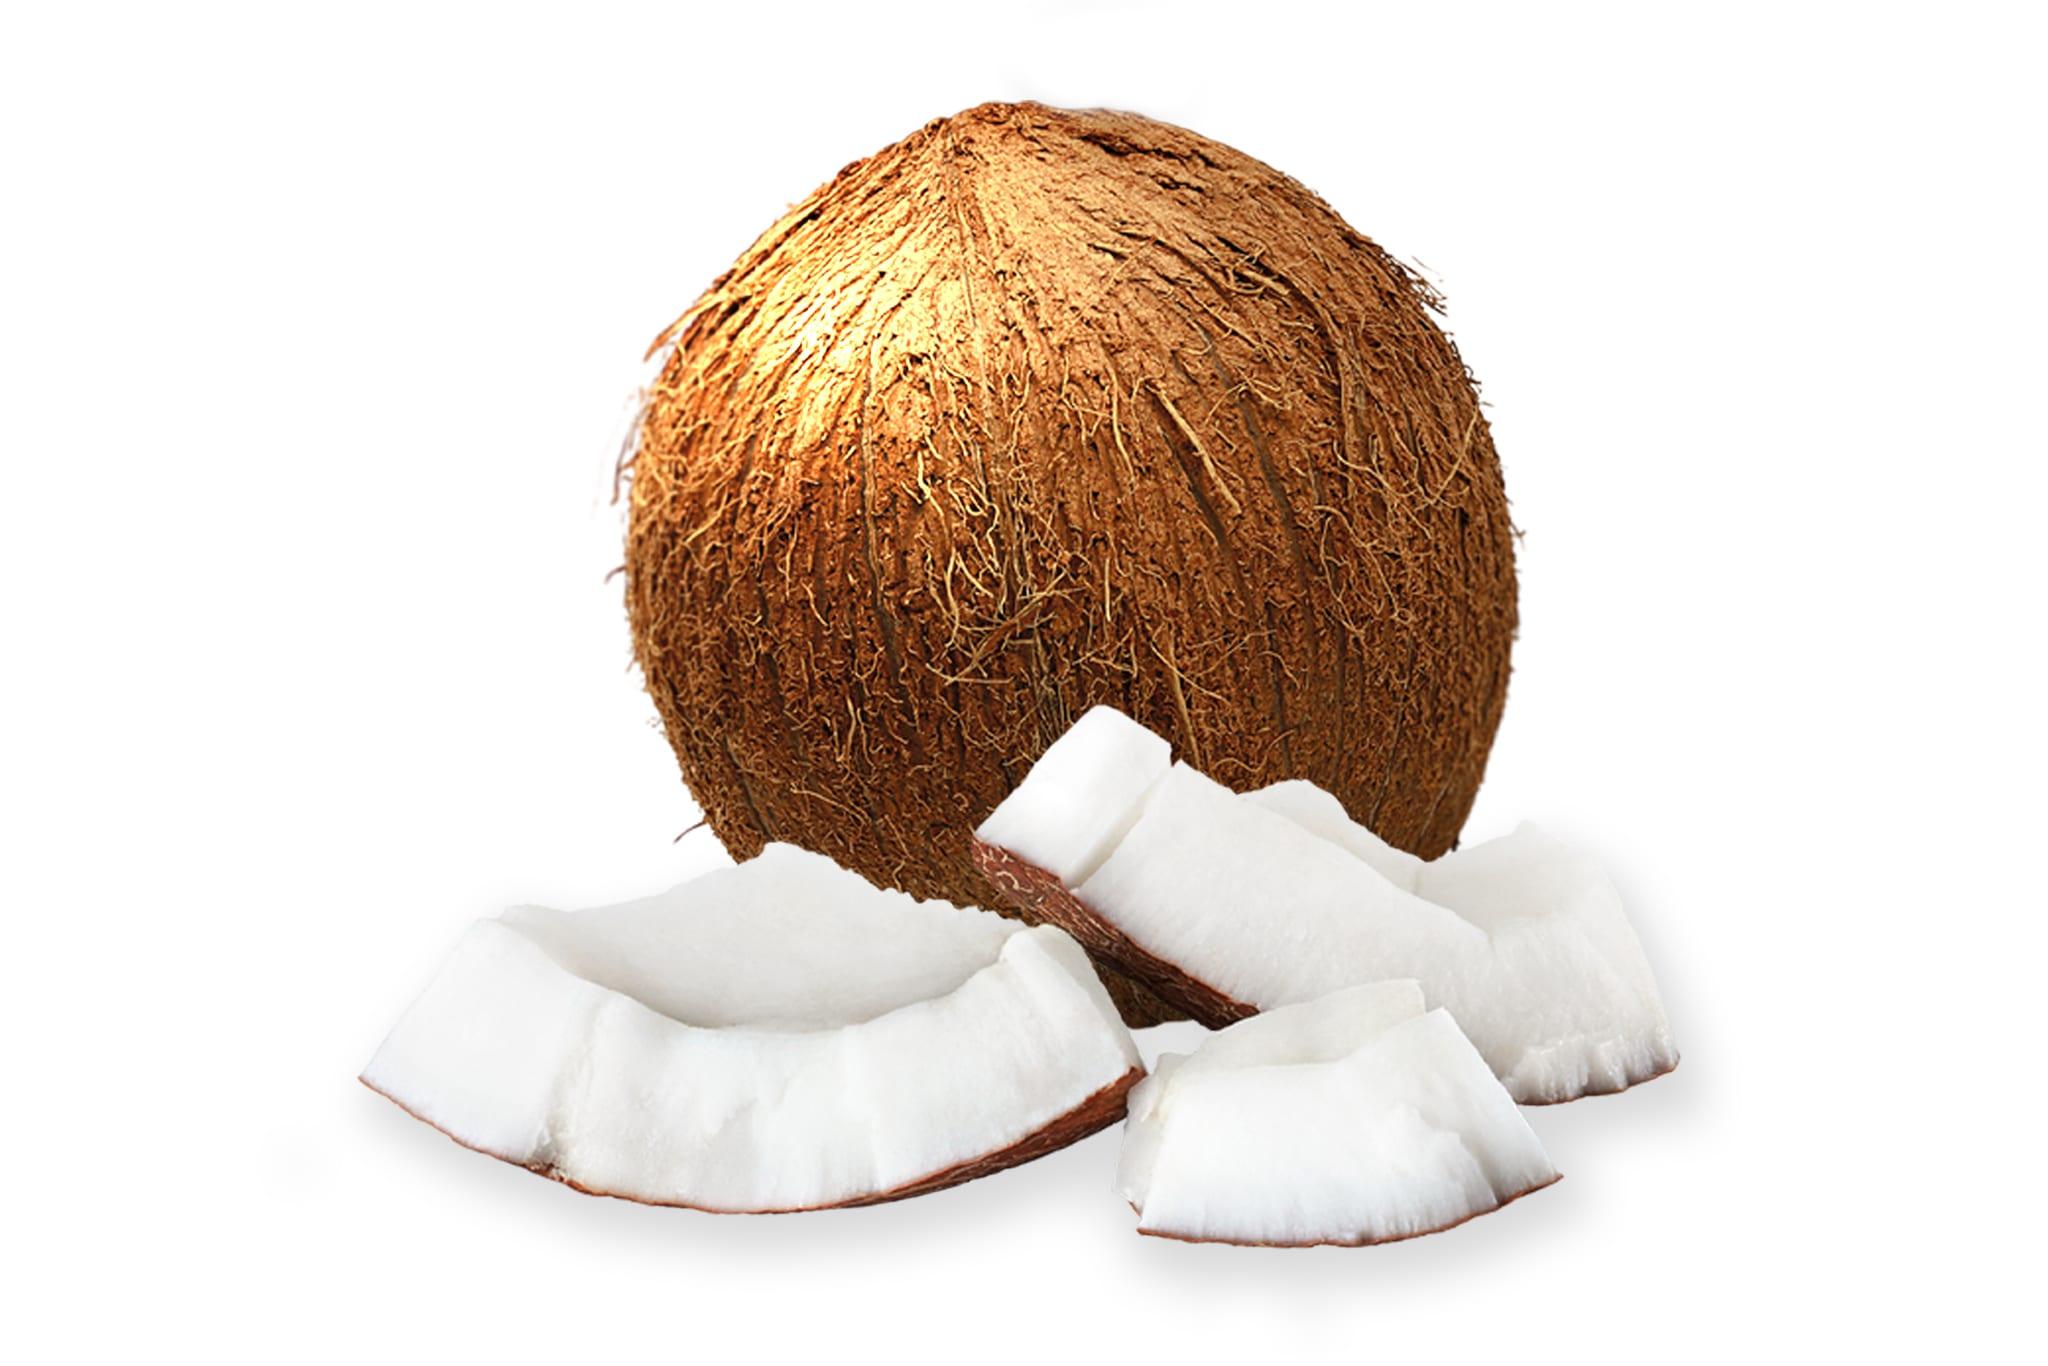 Kokosnoot met kokostukjes